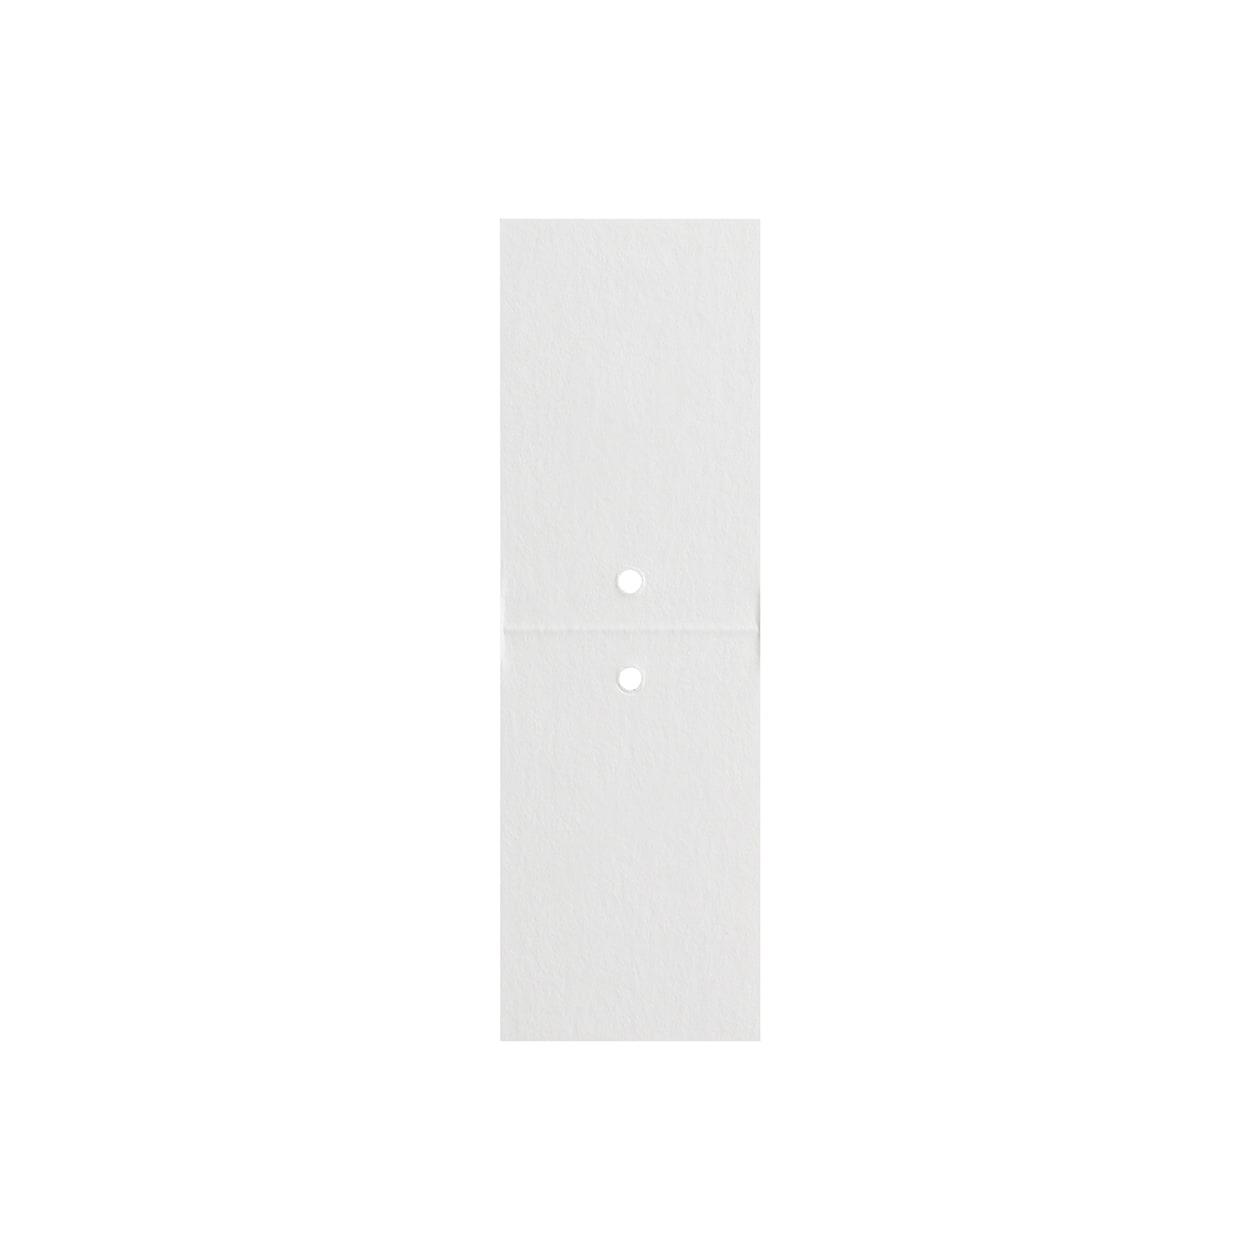 サンプル カード(タグ)00512